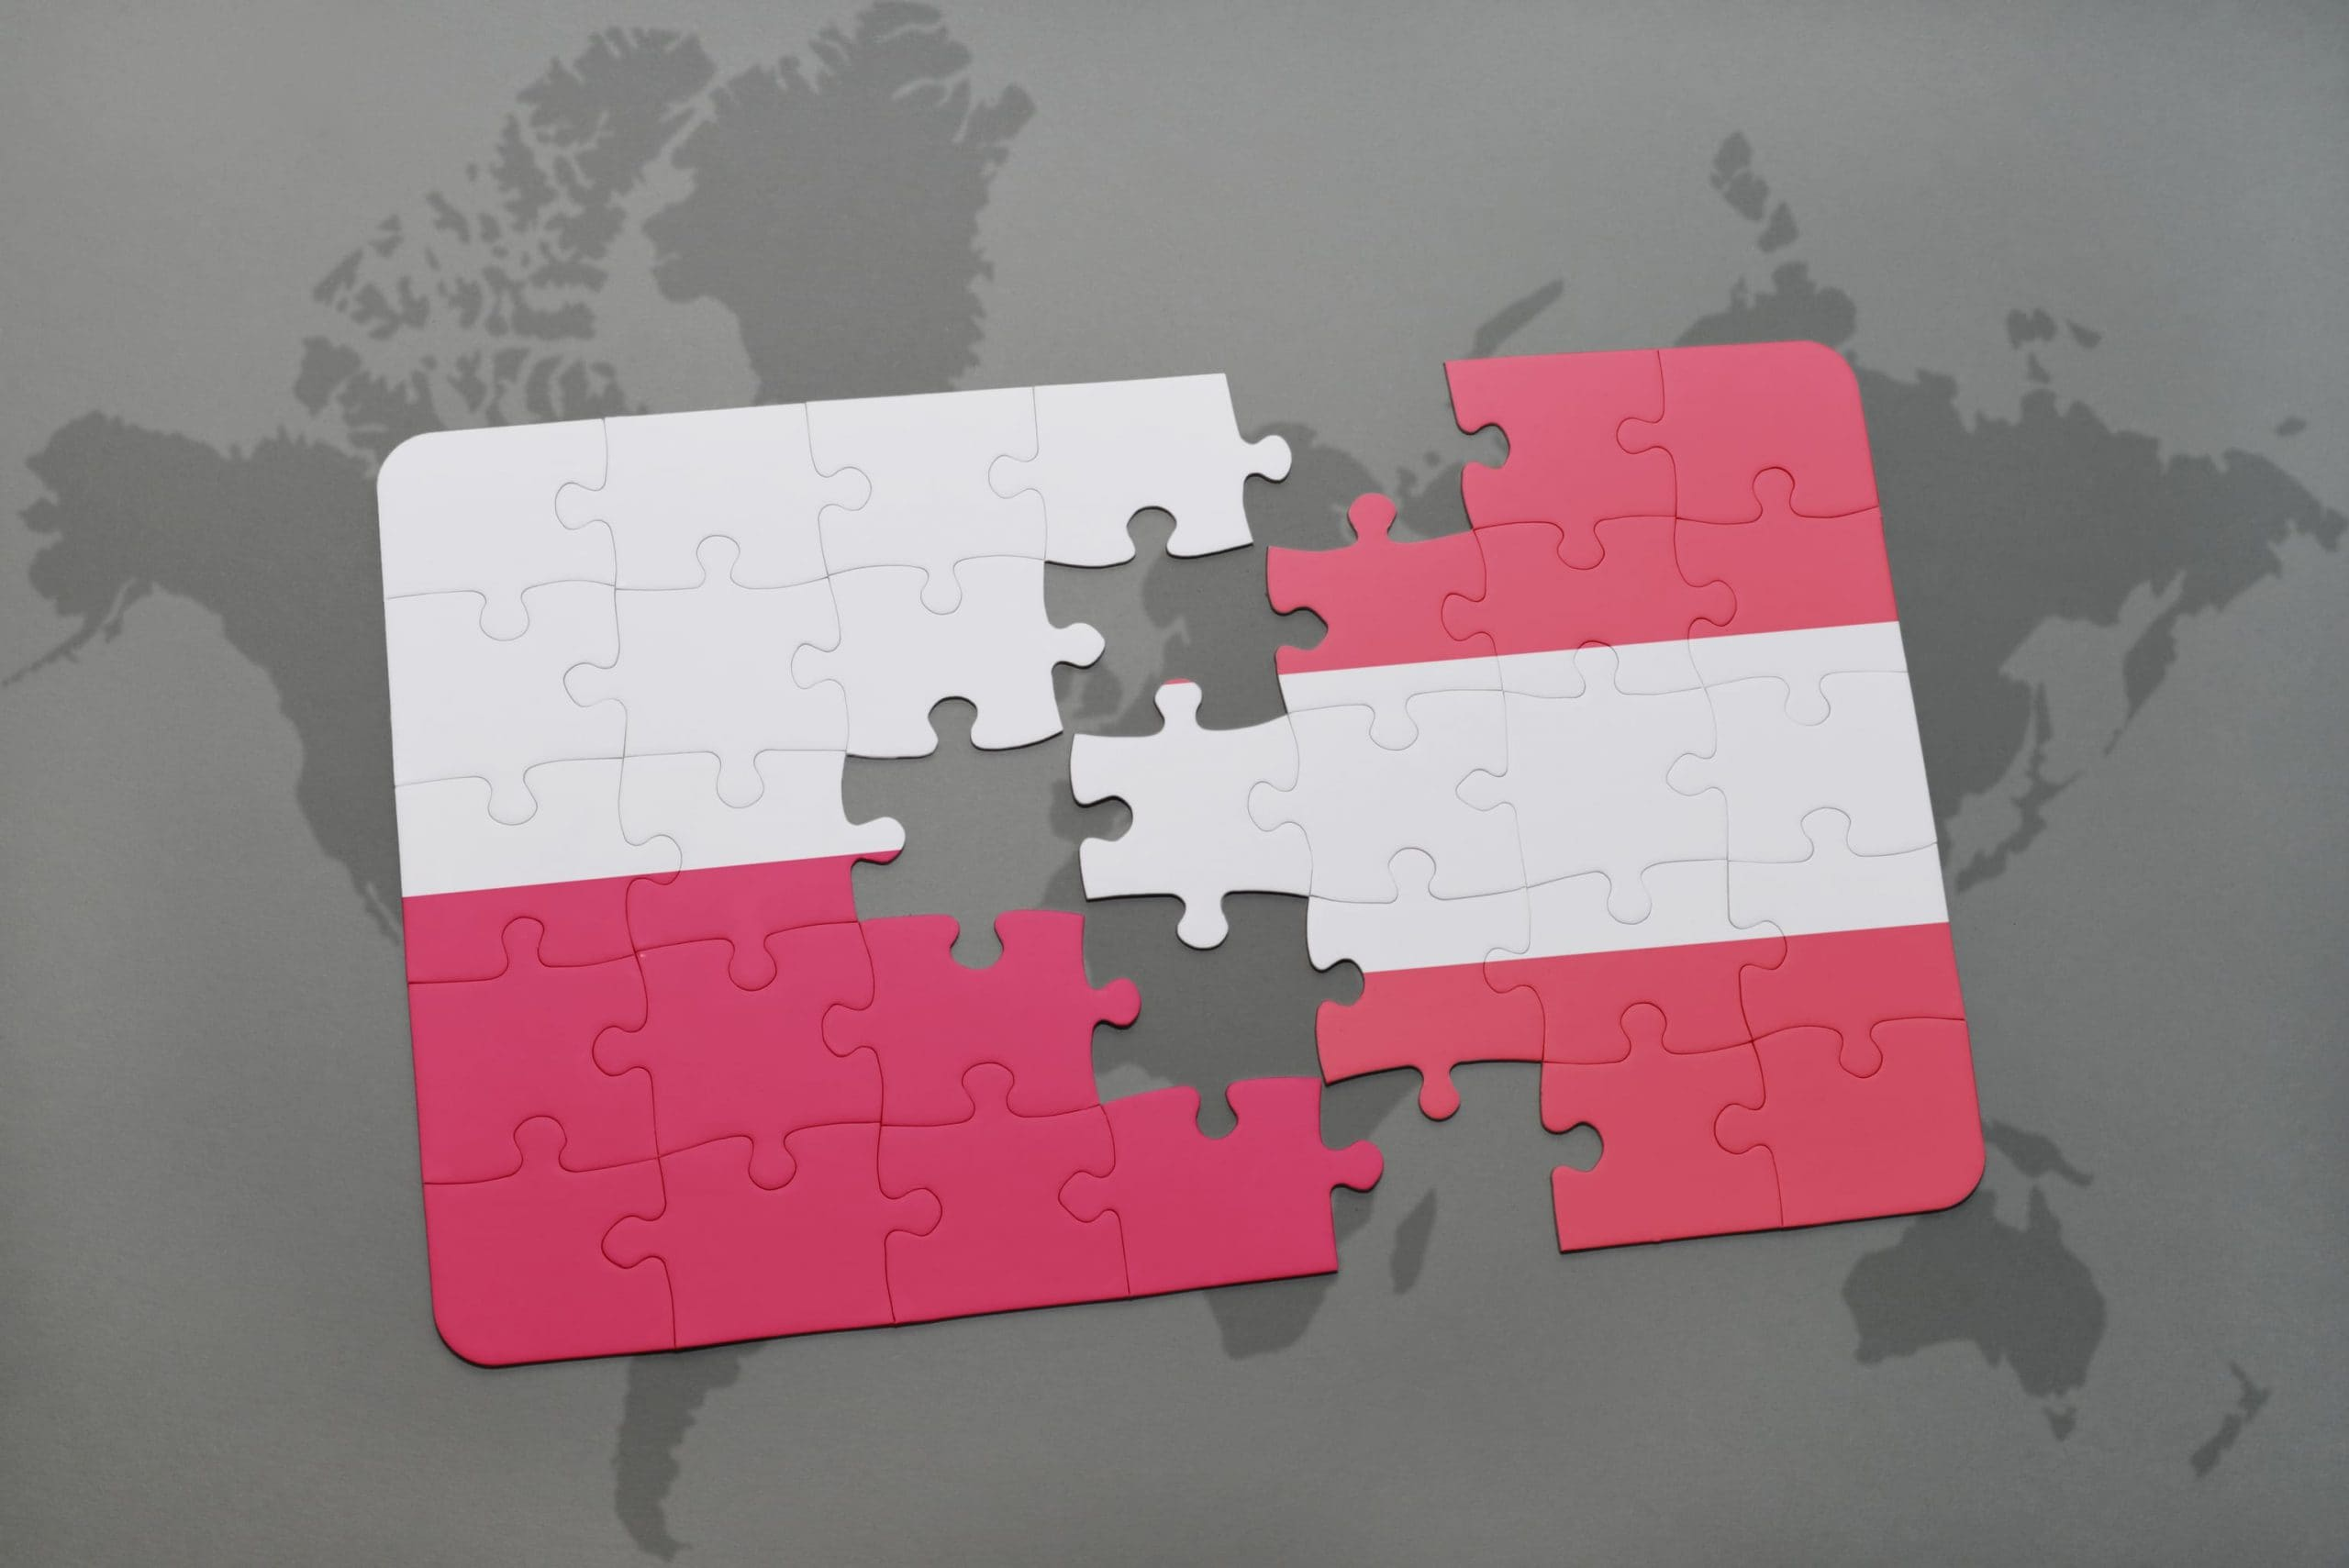 Zusammenpassende Puzzle-Teile in den Farben Östereichs und Polen,